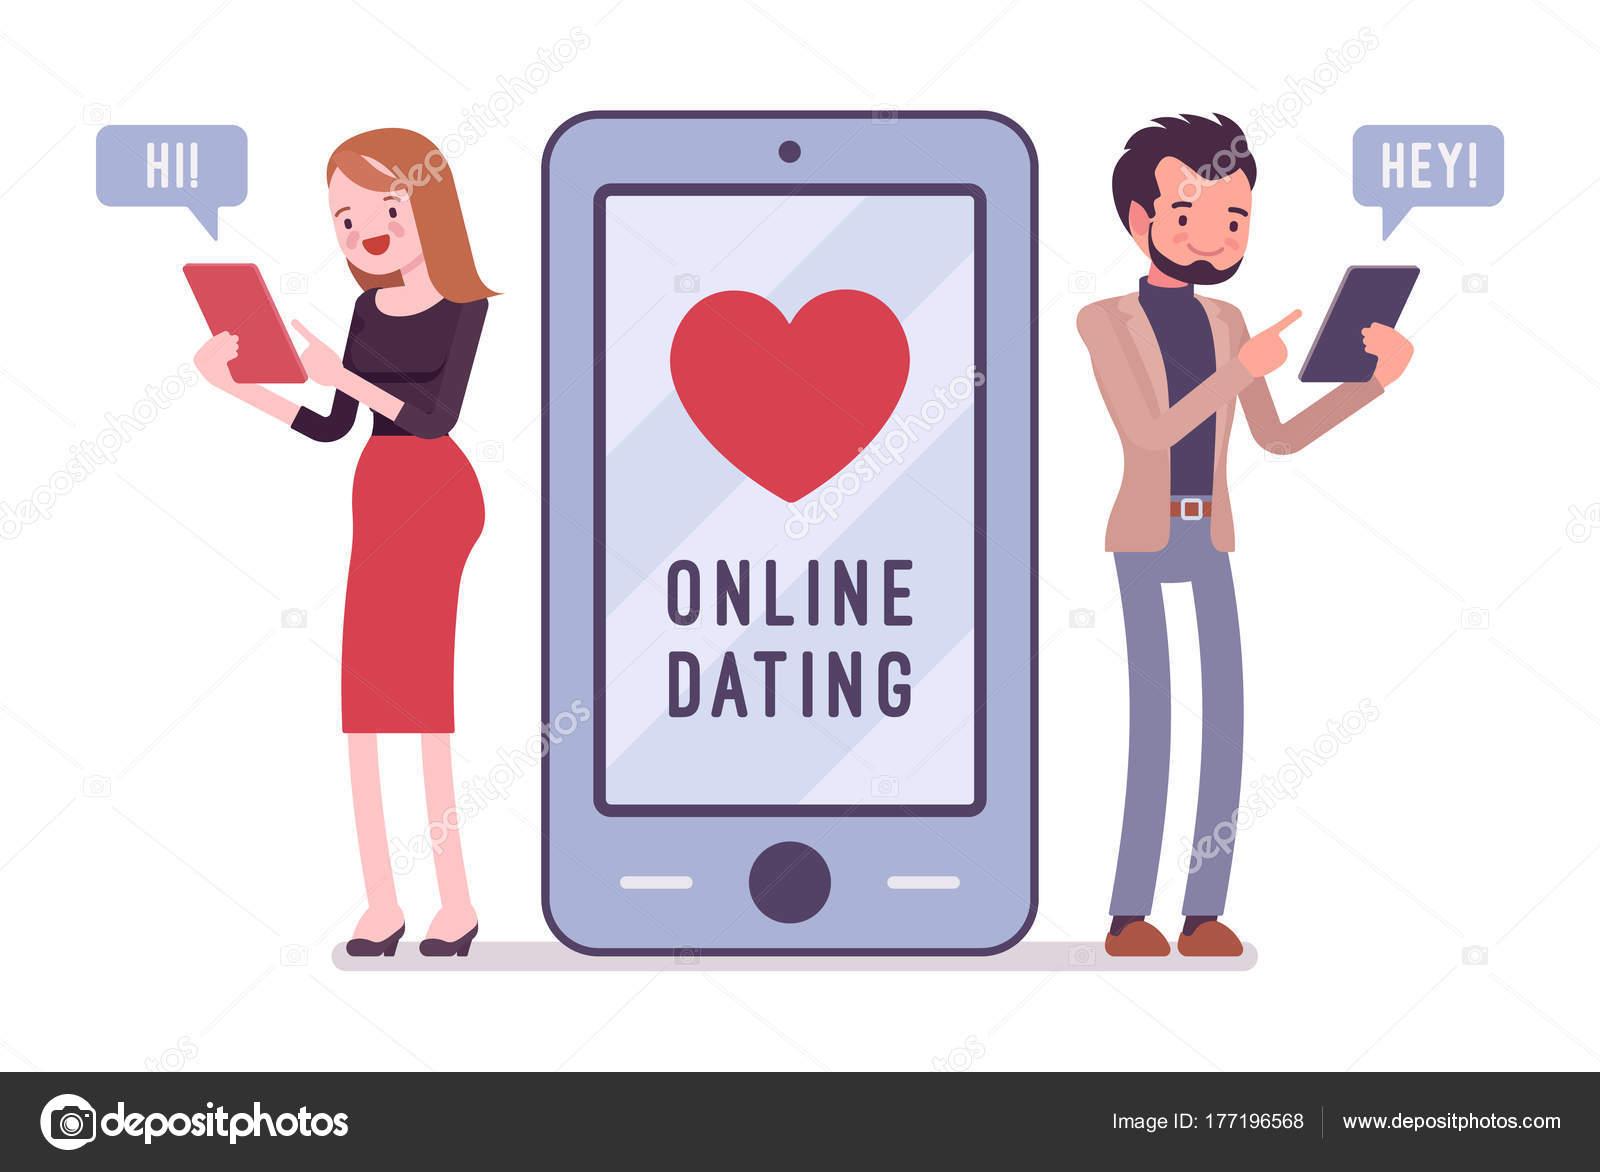 rencontre en ligne telecharger